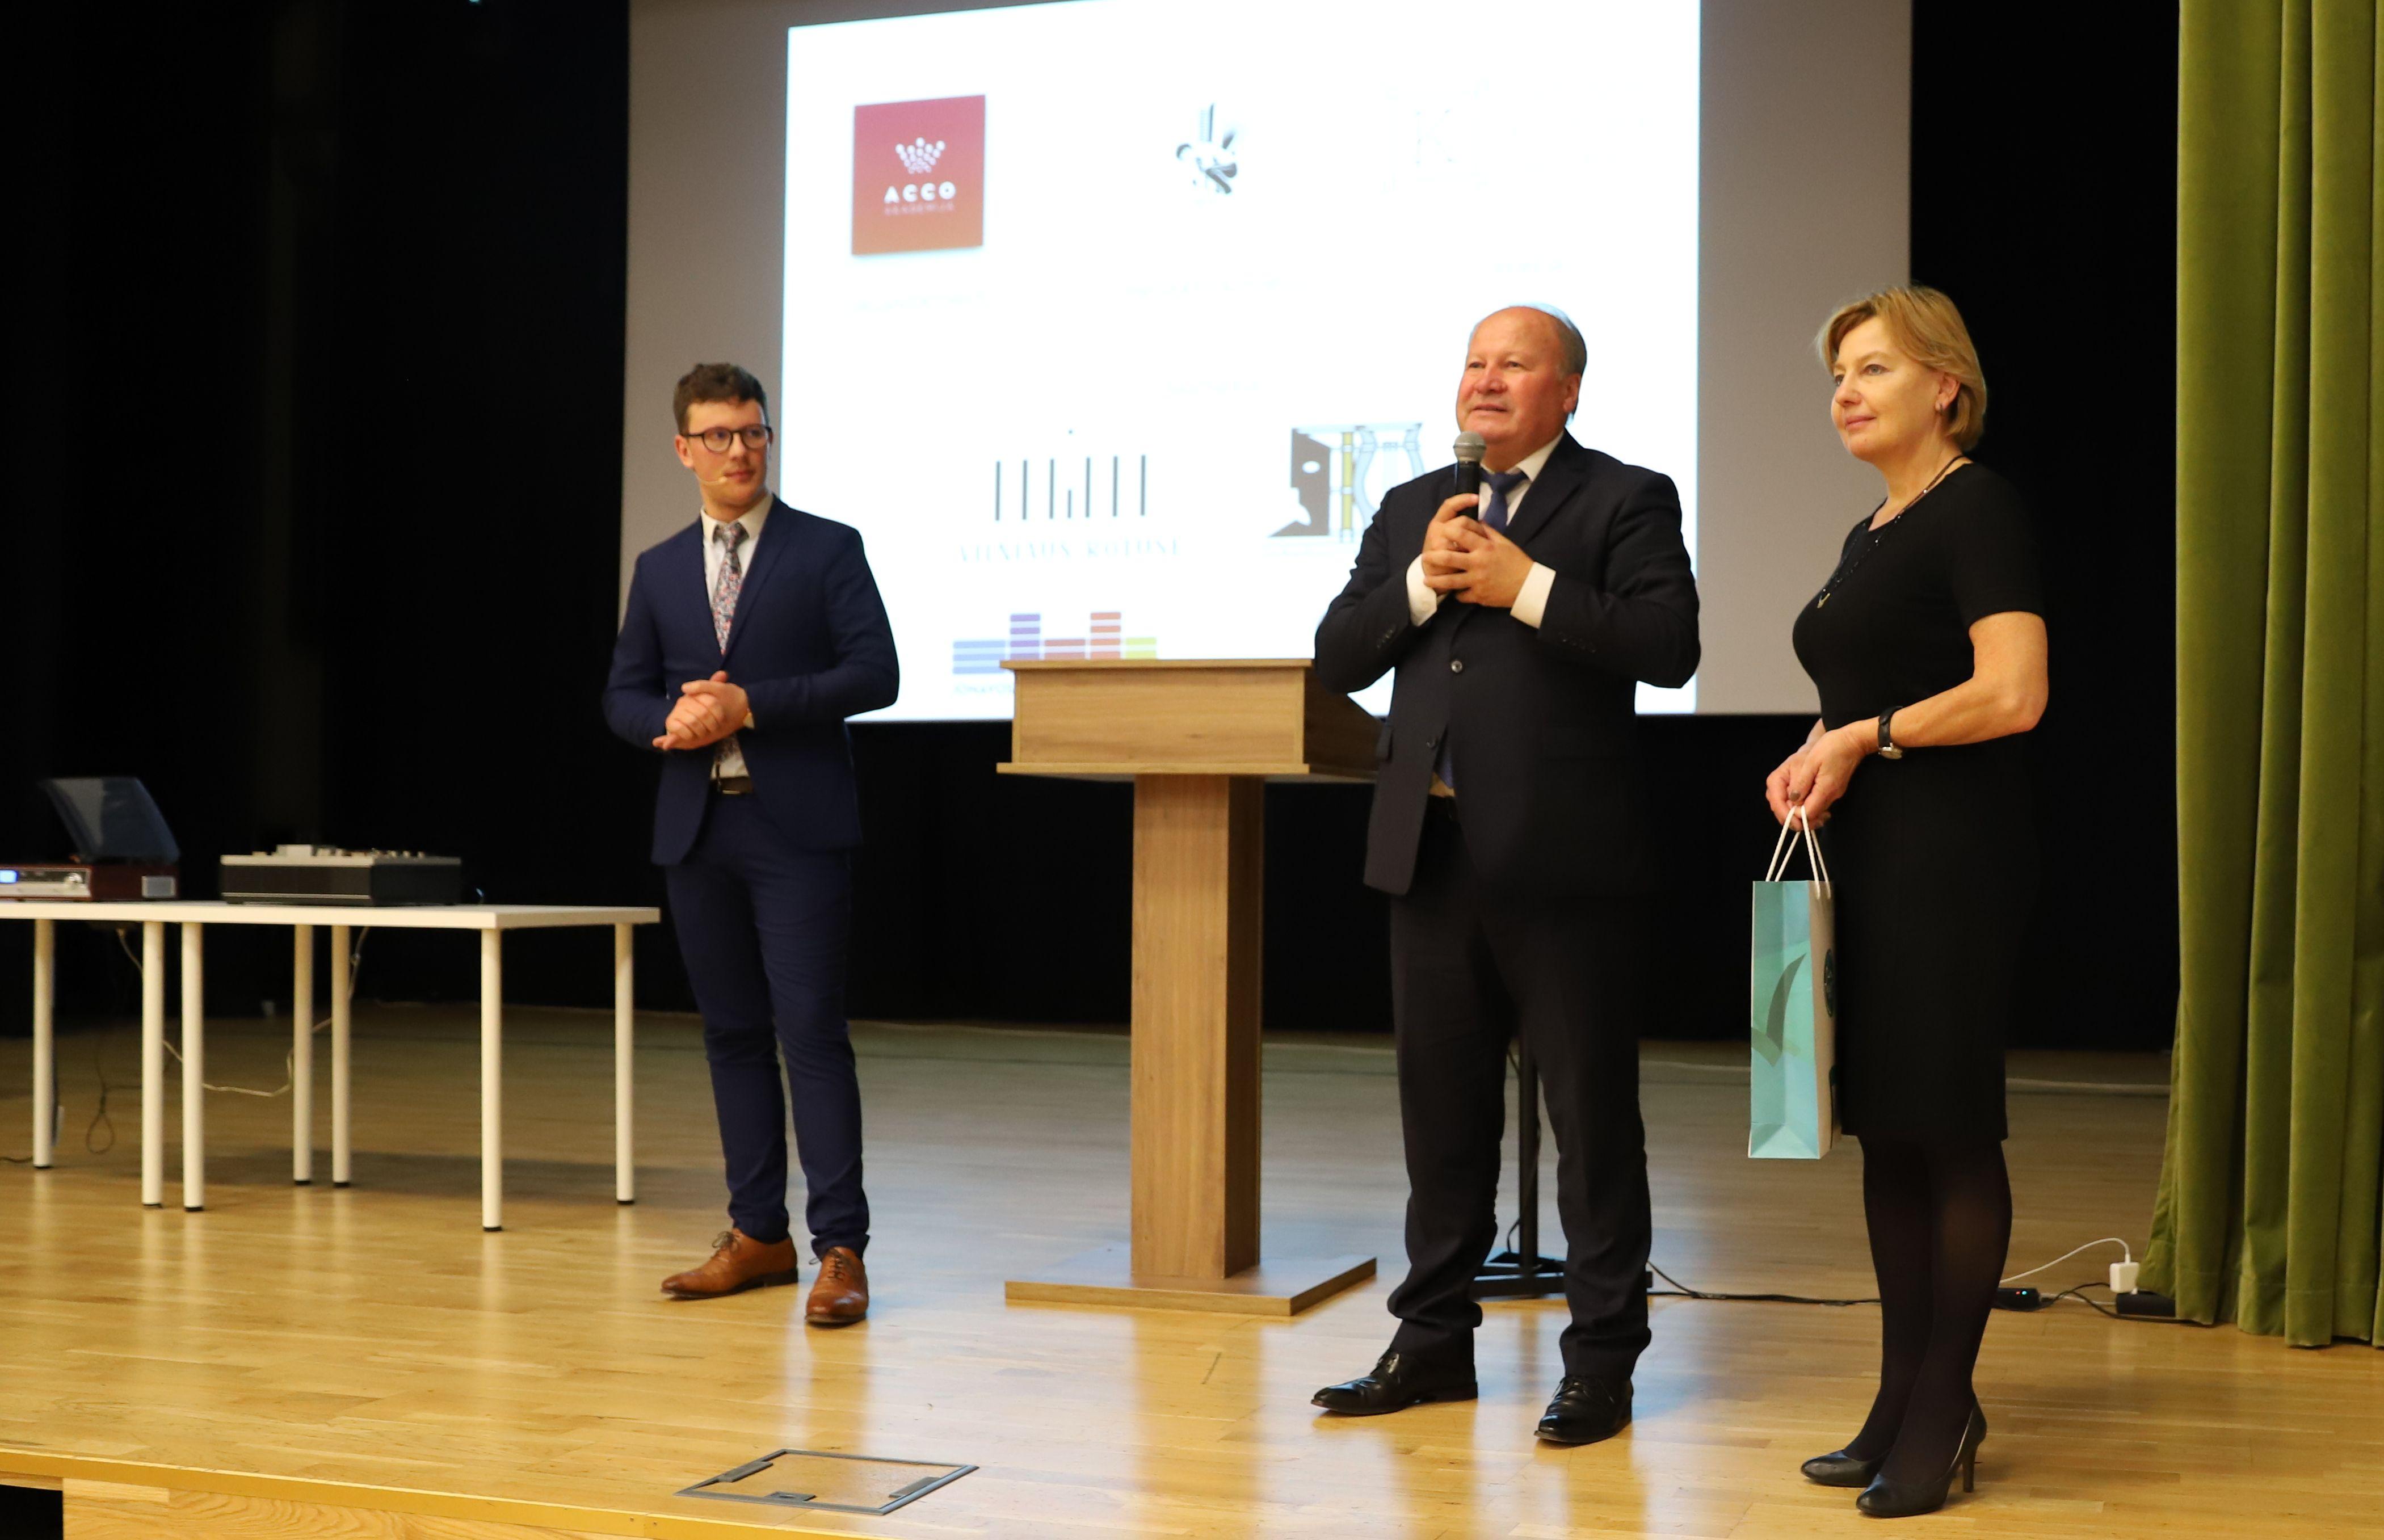 Muzikos pamoka su M. Levickiu | Kauno rajono savivaldybės nuotr.